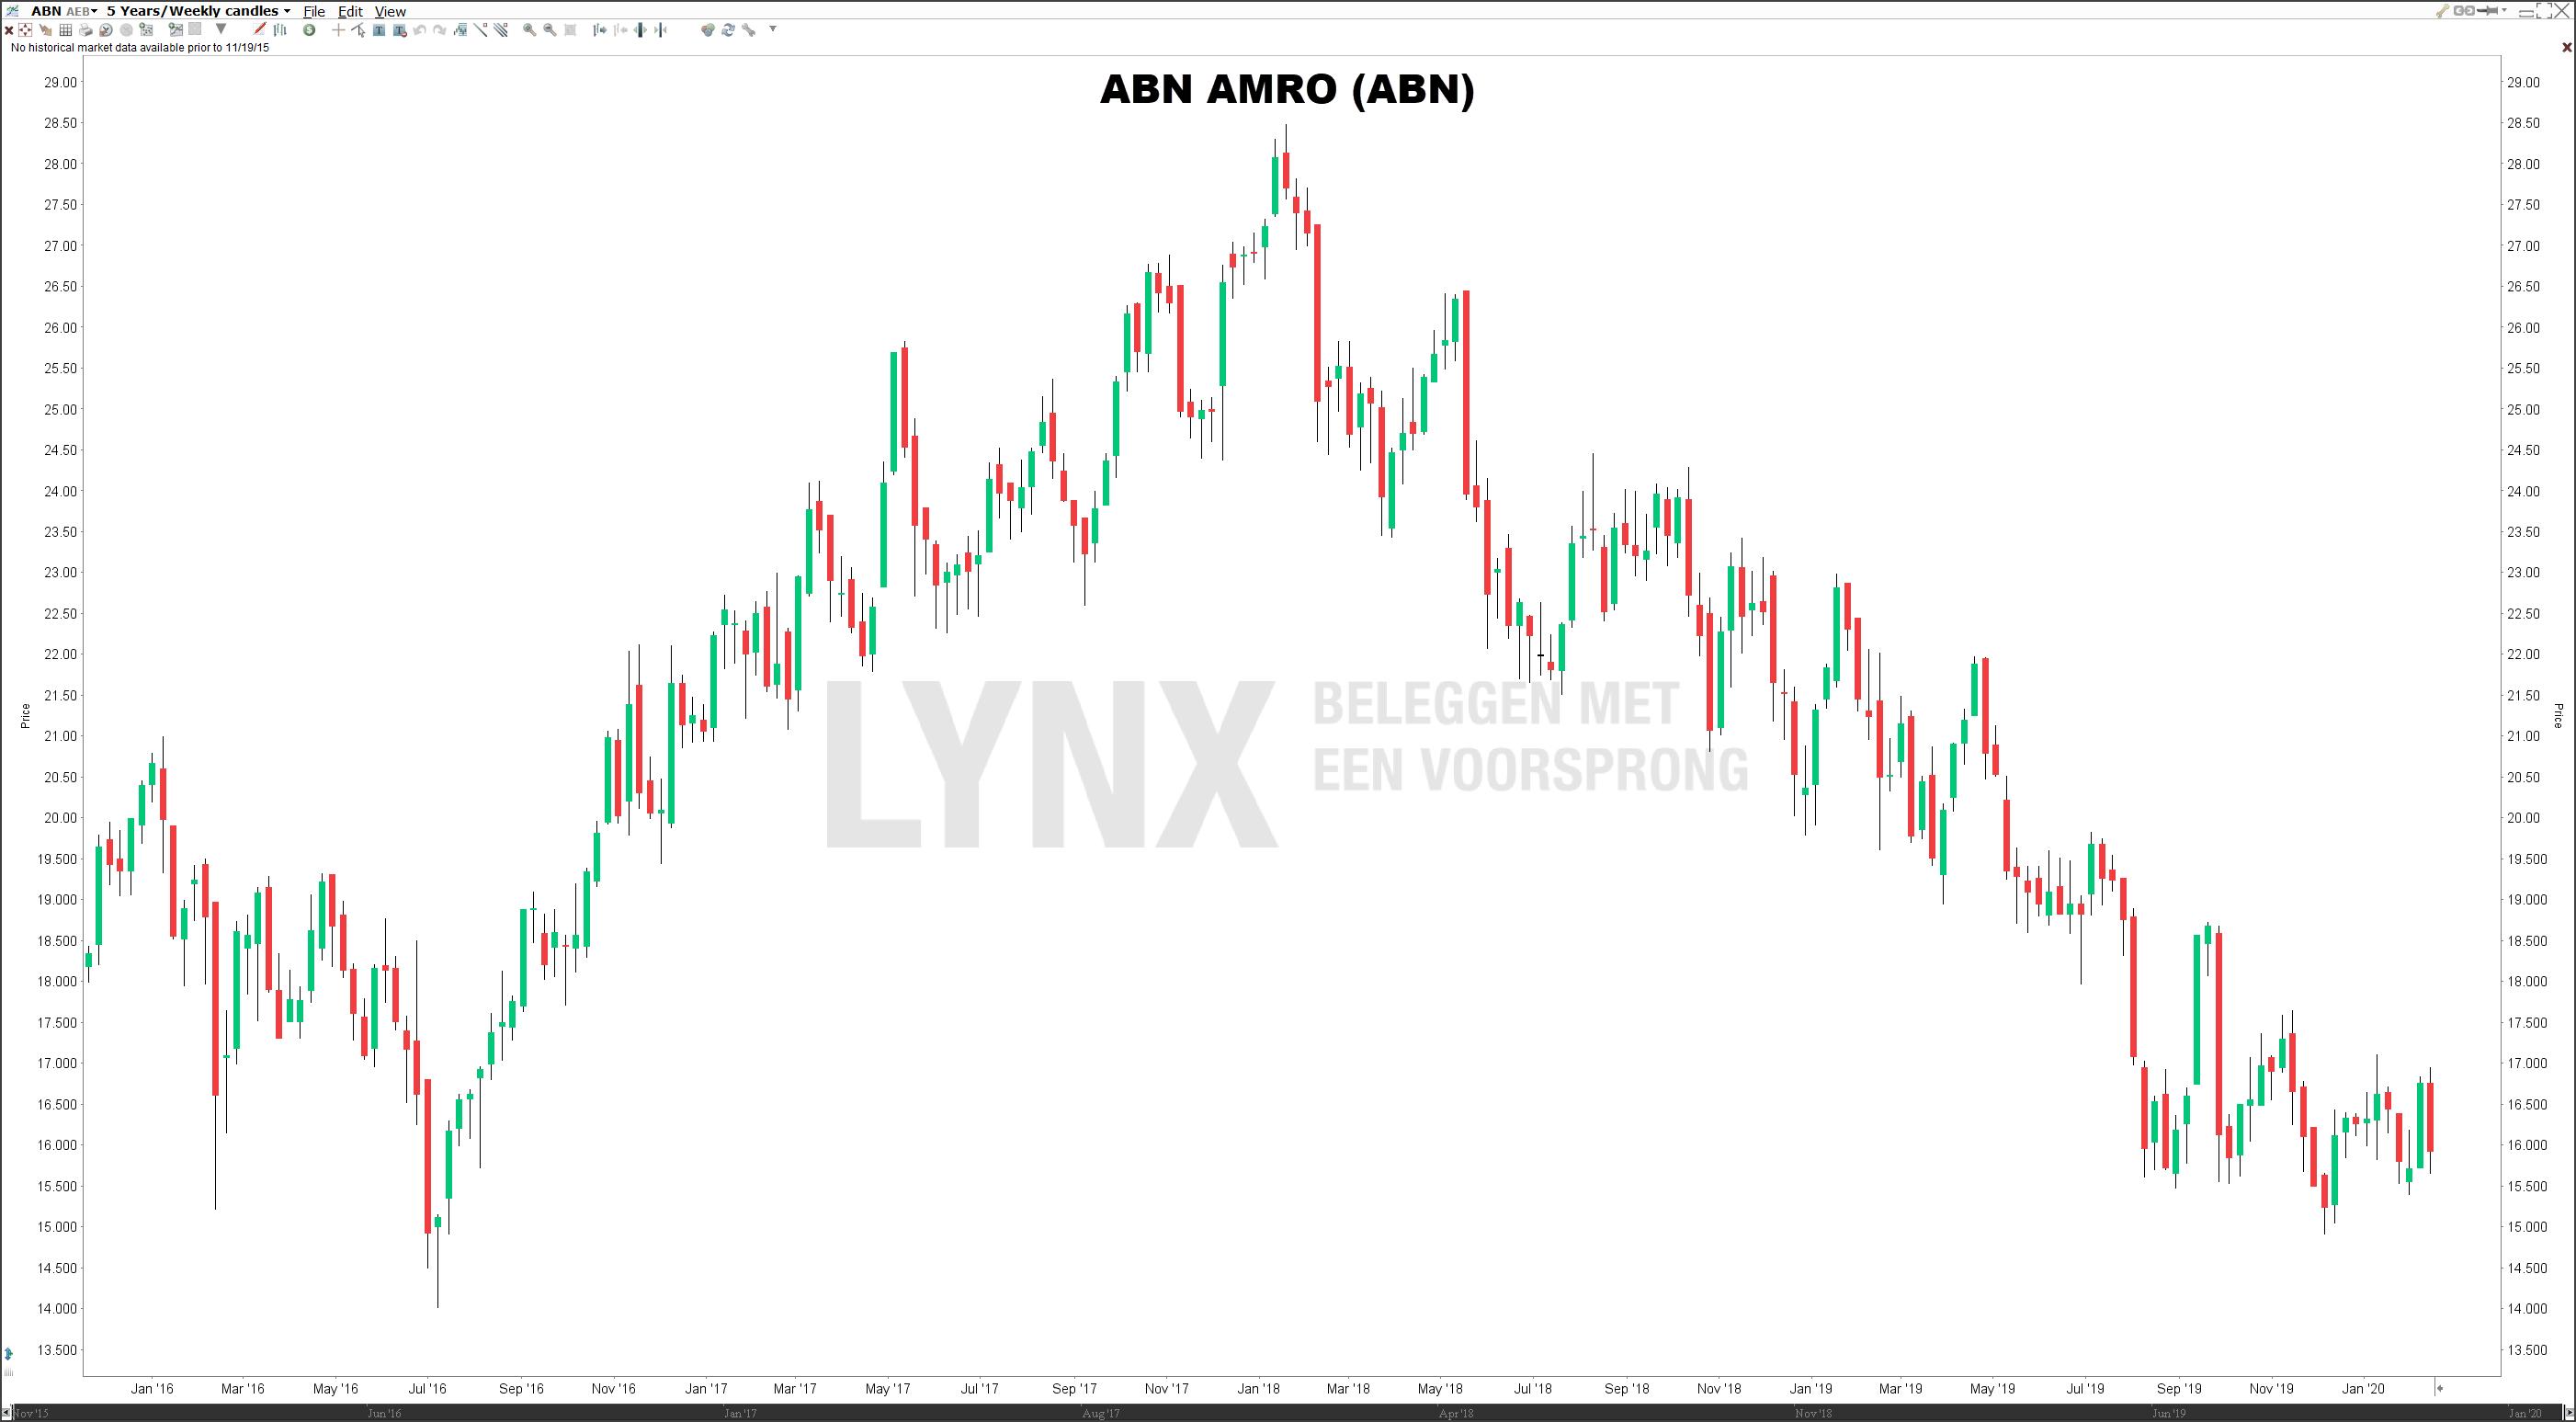 Koers aandeel ABN AMRO lange termijn